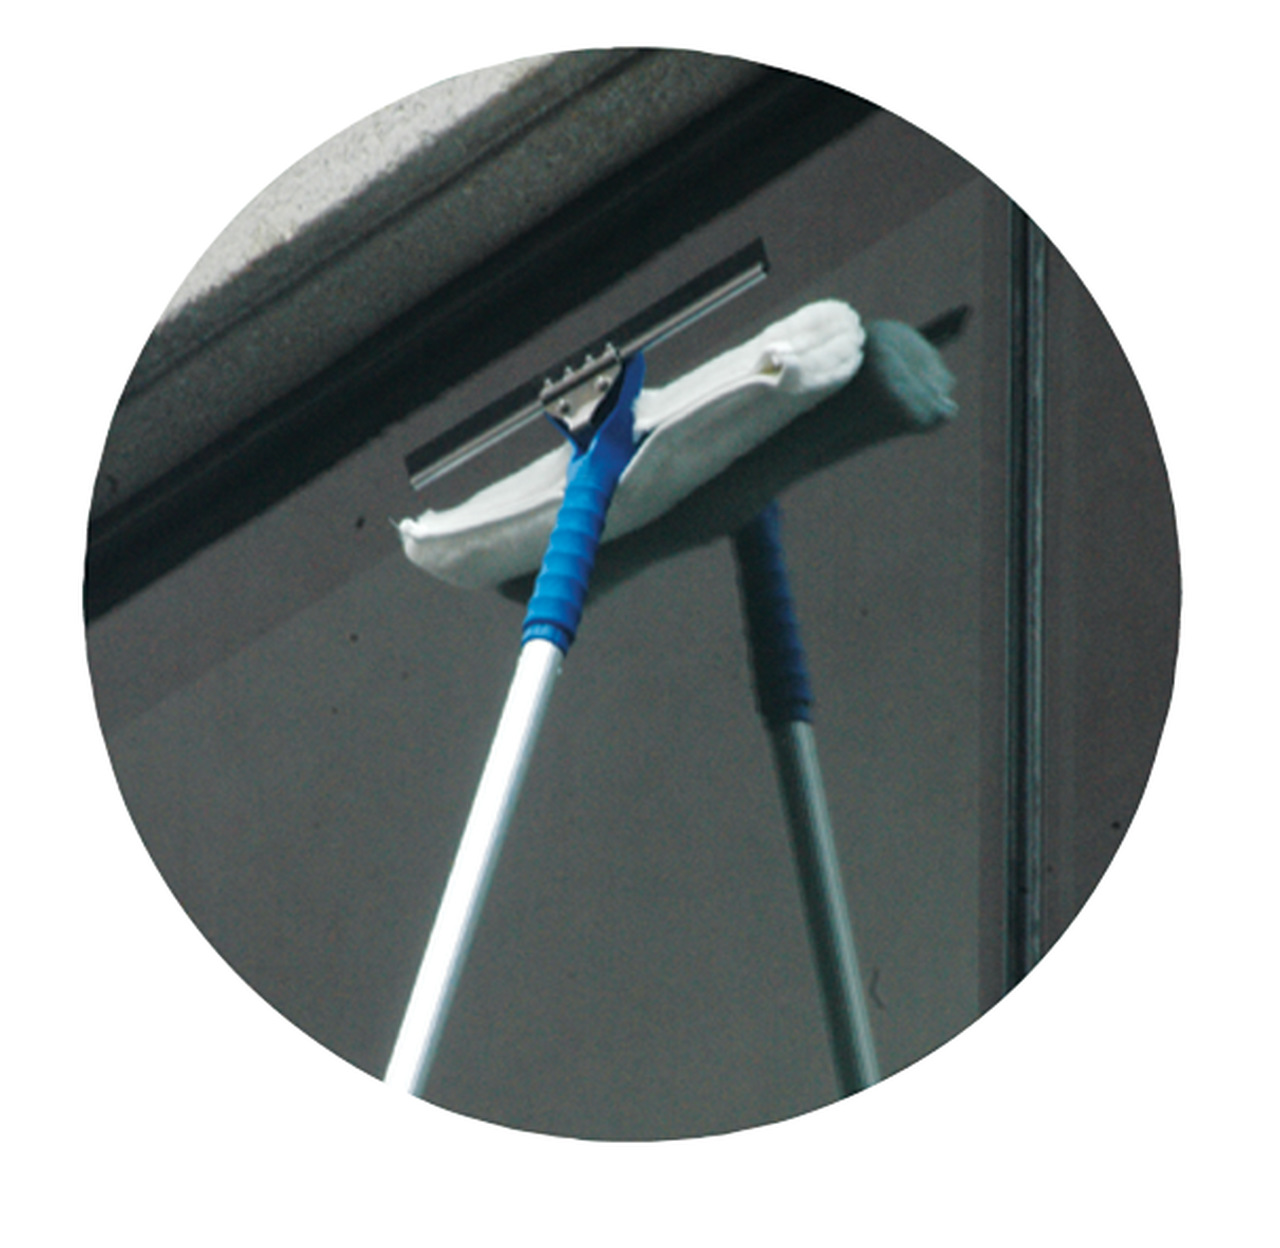 Kit 3 Luvas de reposição para Rodo limpa vidros Bralimpia 25Cm